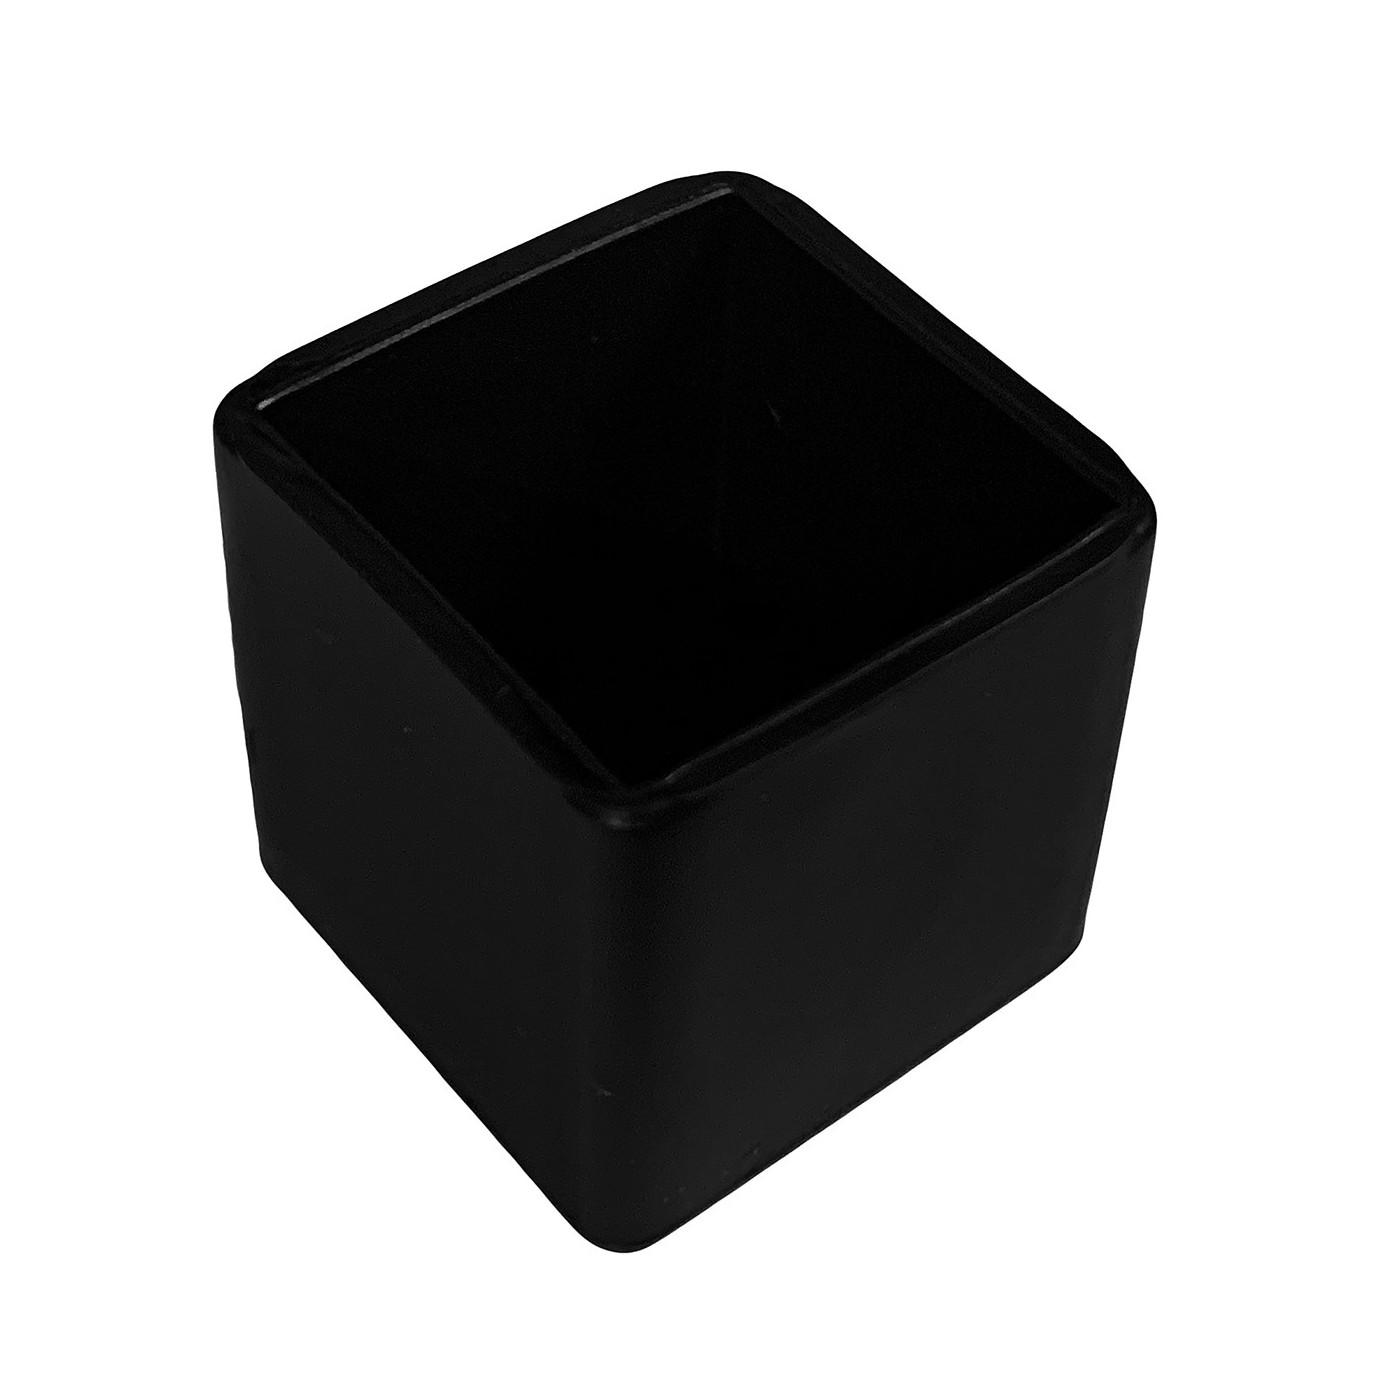 Set van 32 siliconen stoelpootdoppen (omdop, vierkant, 20 mm, zwart) [O-SQ-20-B]  - 1